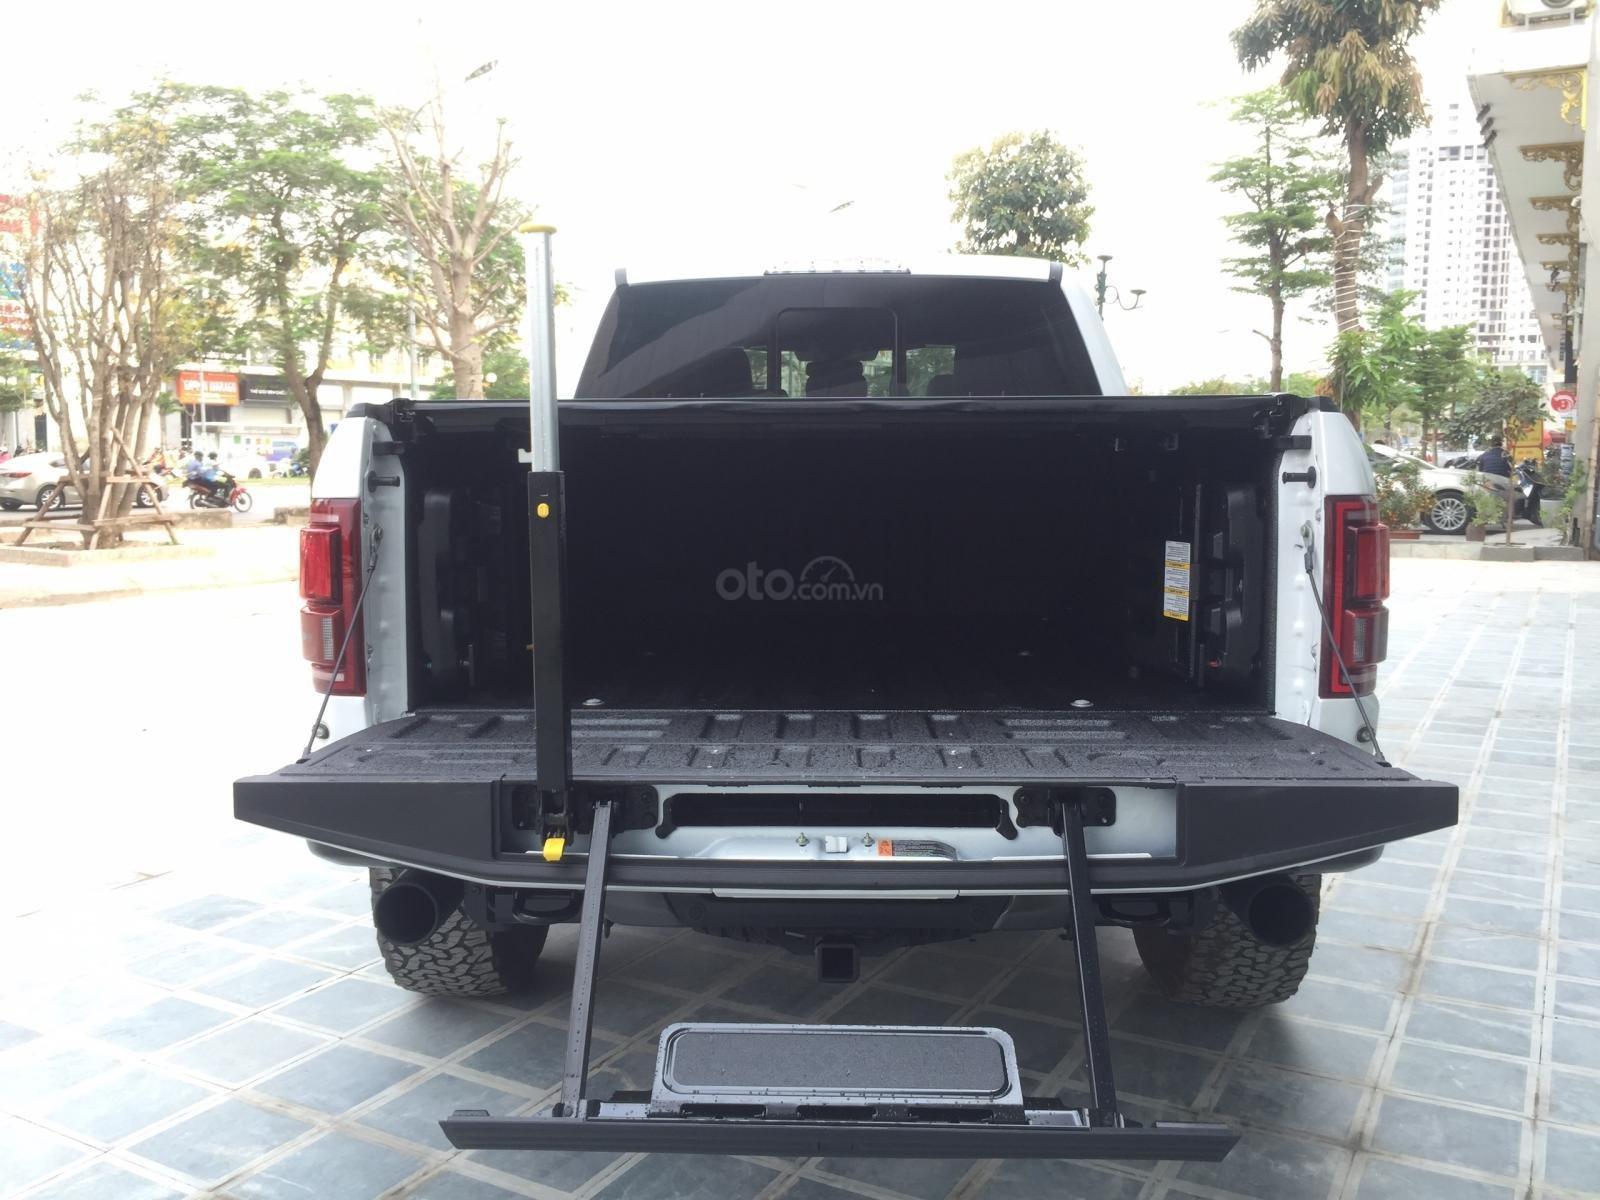 Bán siêu bán tải Ford F150 Raptor sản xuất 2020, LH Ms Hương giá tốt, giao ngay toàn quốc (6)